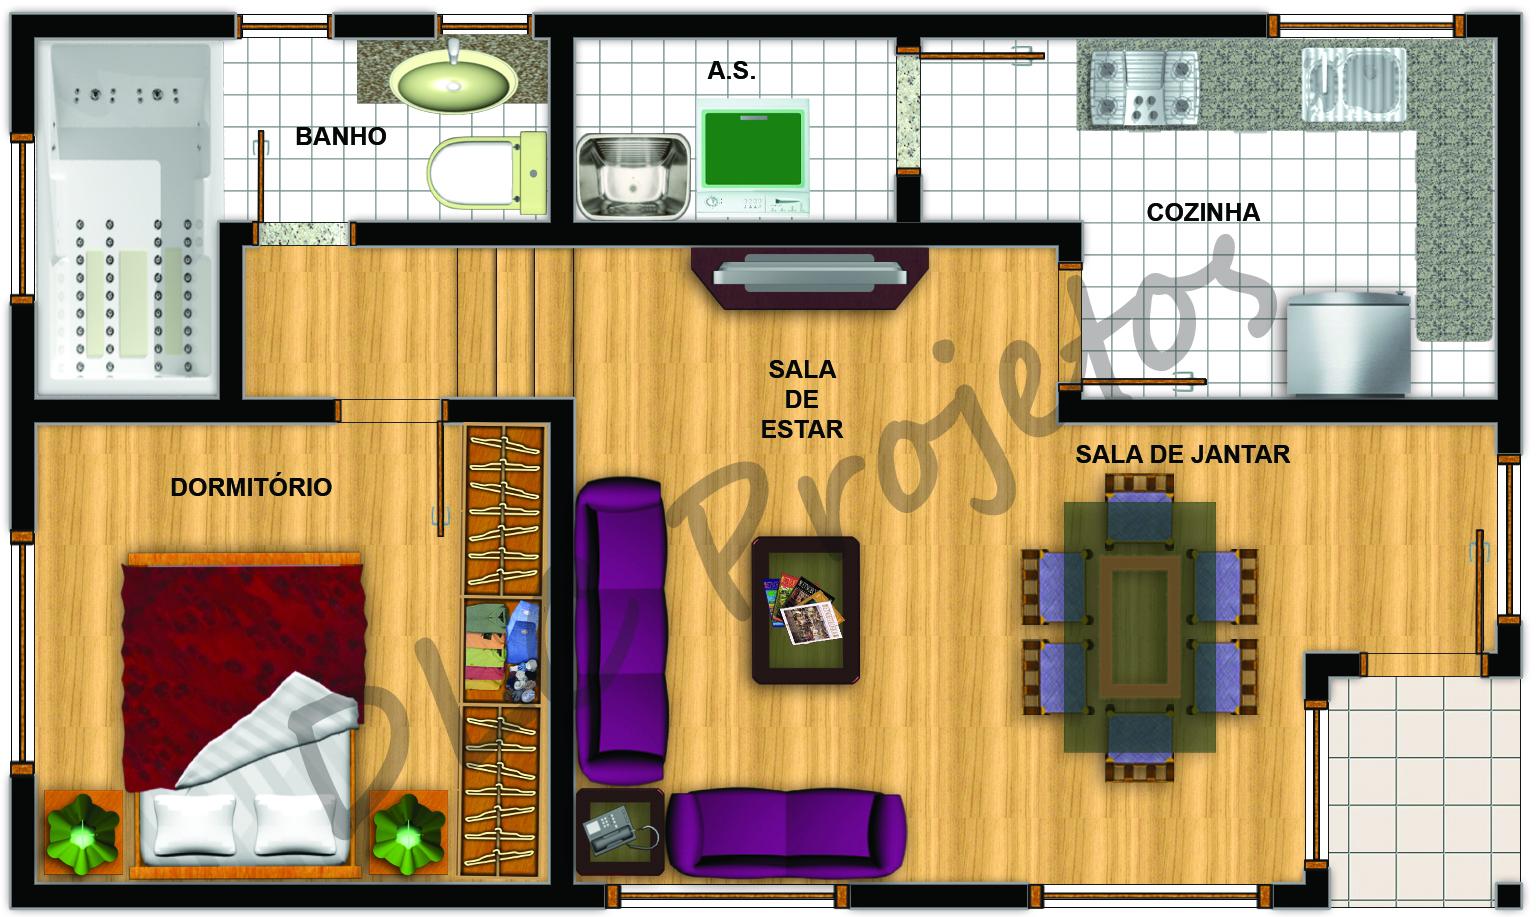 Dlc projetos planta baixa humanizada de casa com 1 dormit rio - Plantas para dormitorio ...